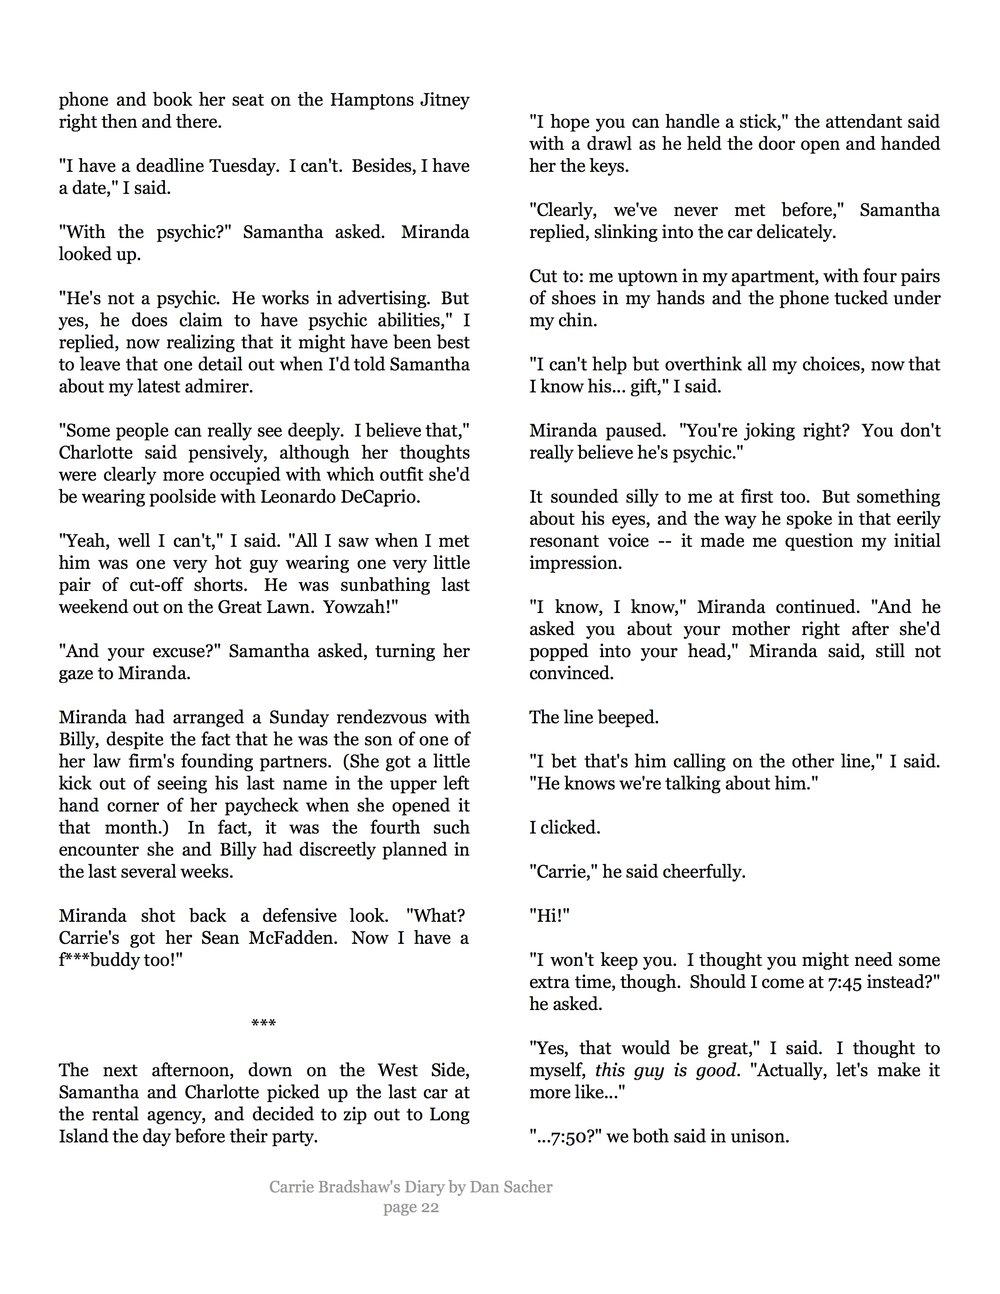 Carrie's Diary22.jpg